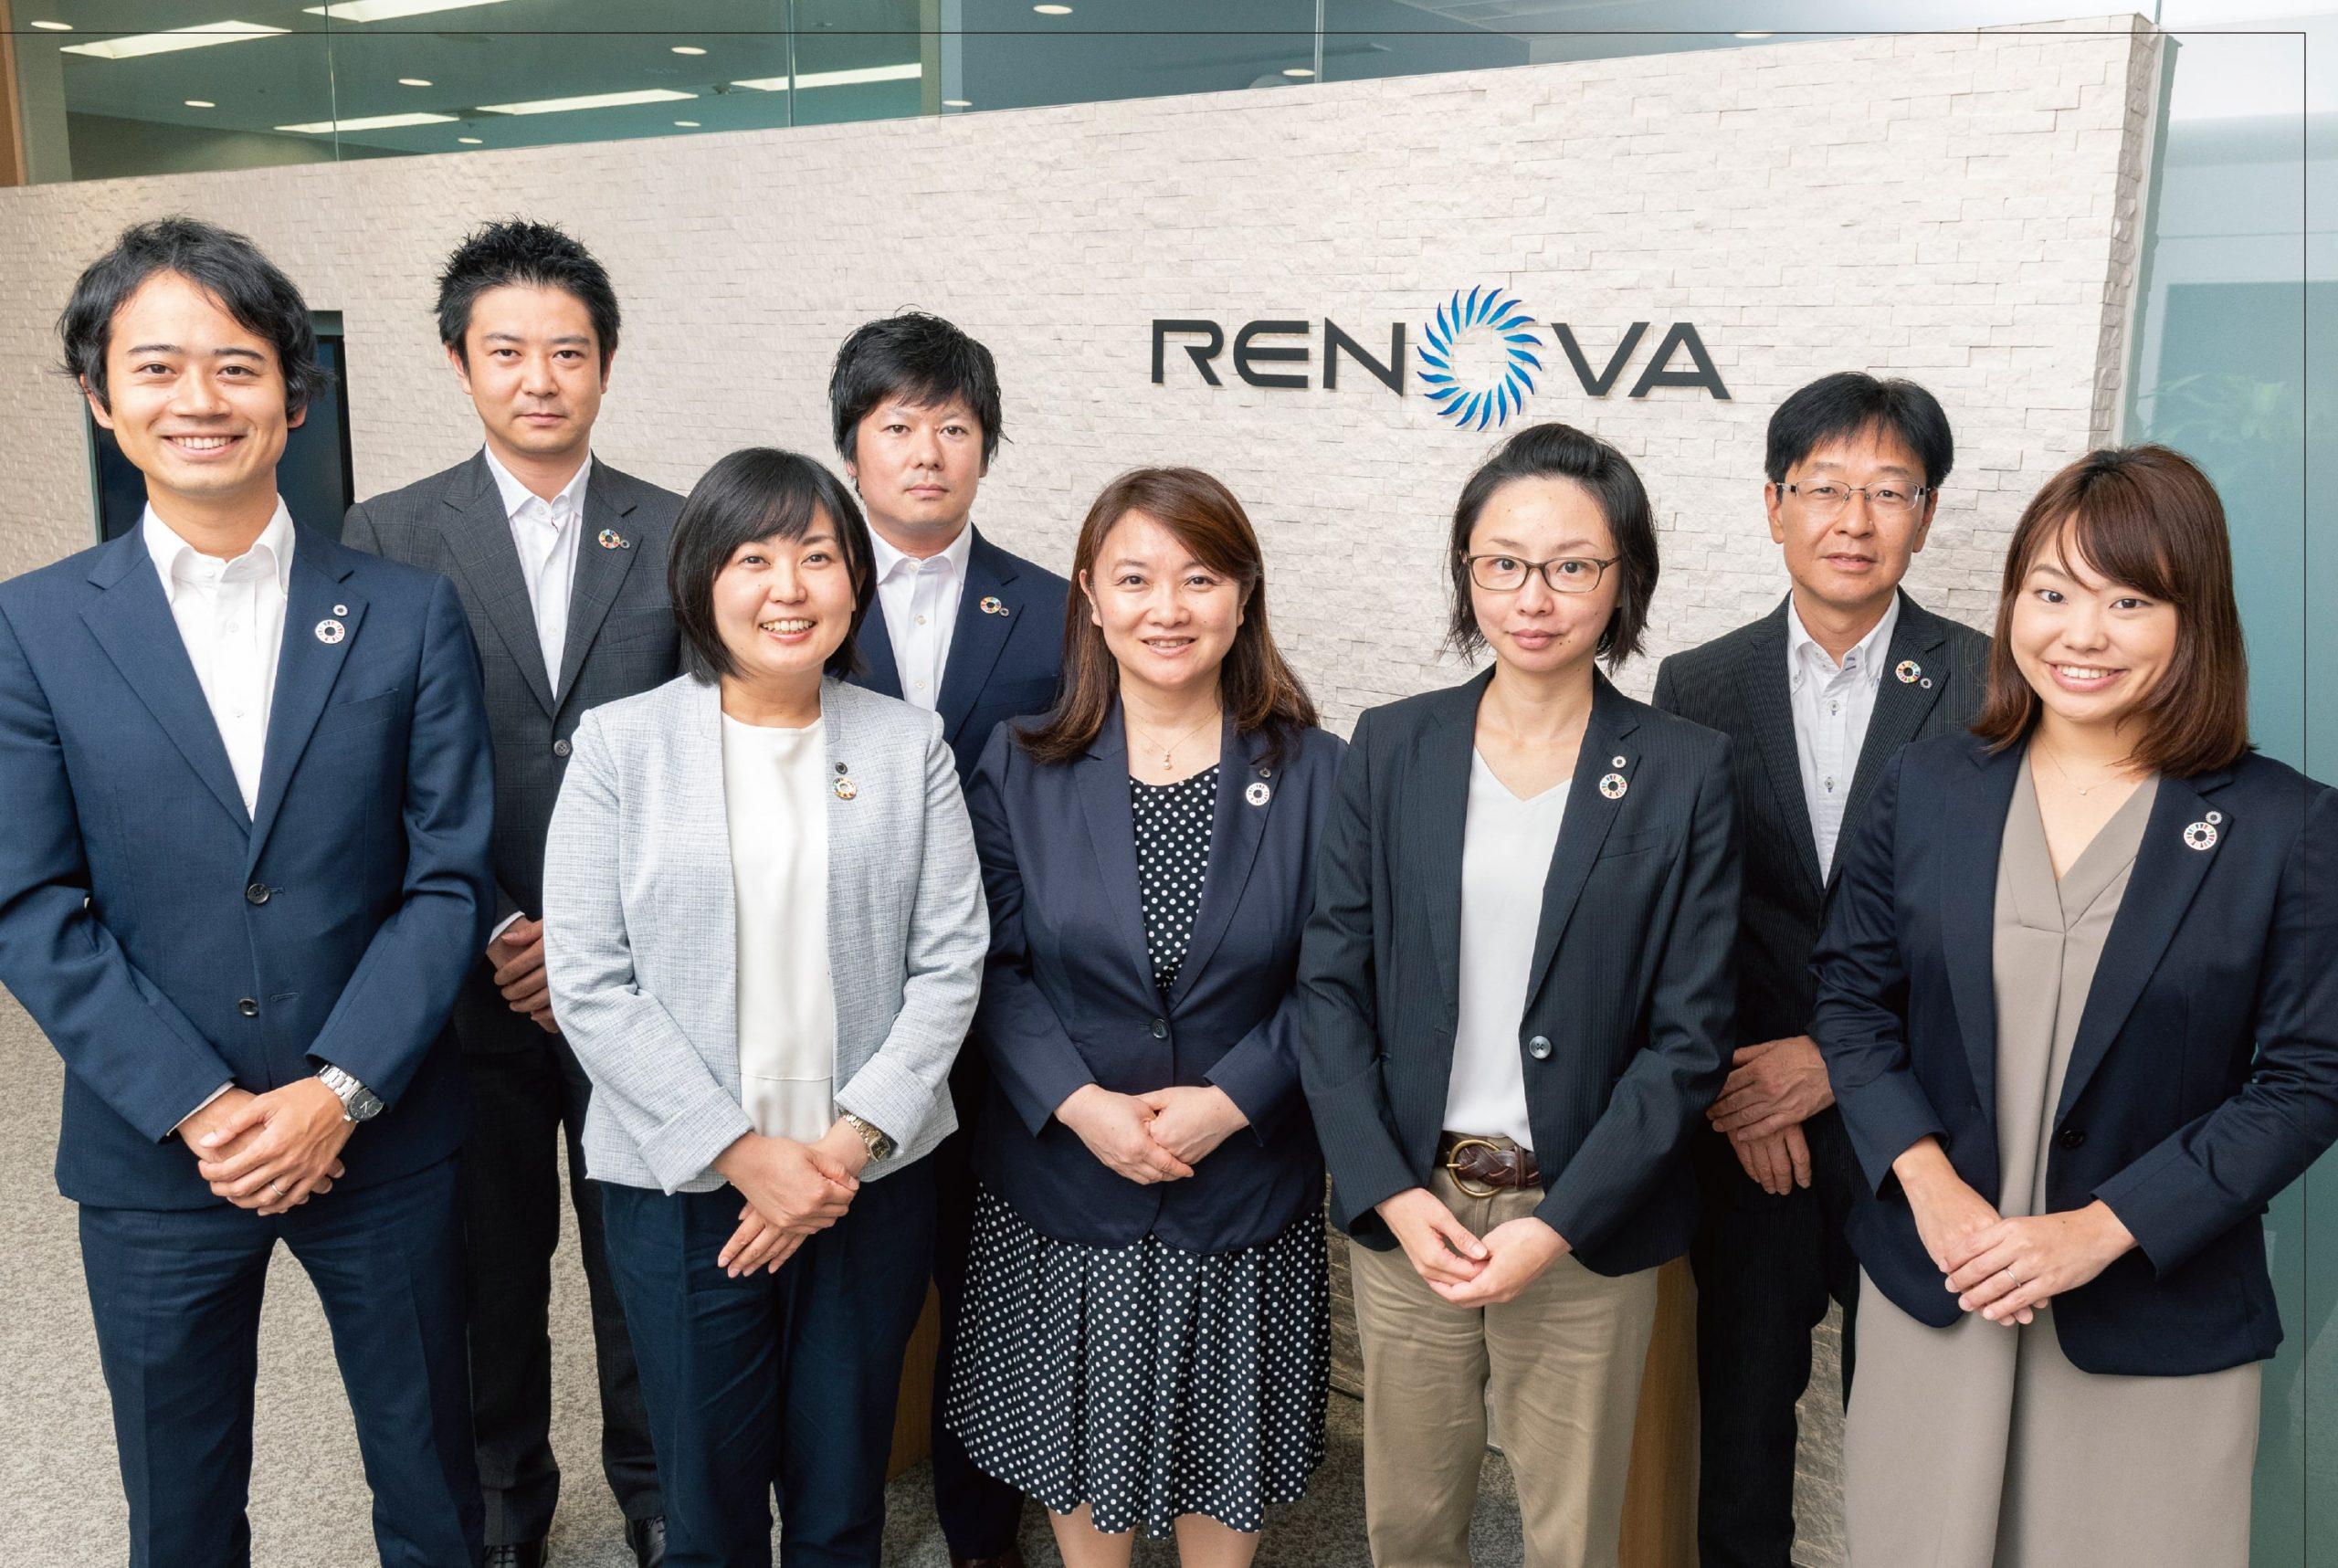 株式会社レノバ 法務部・プロジェクト法務部